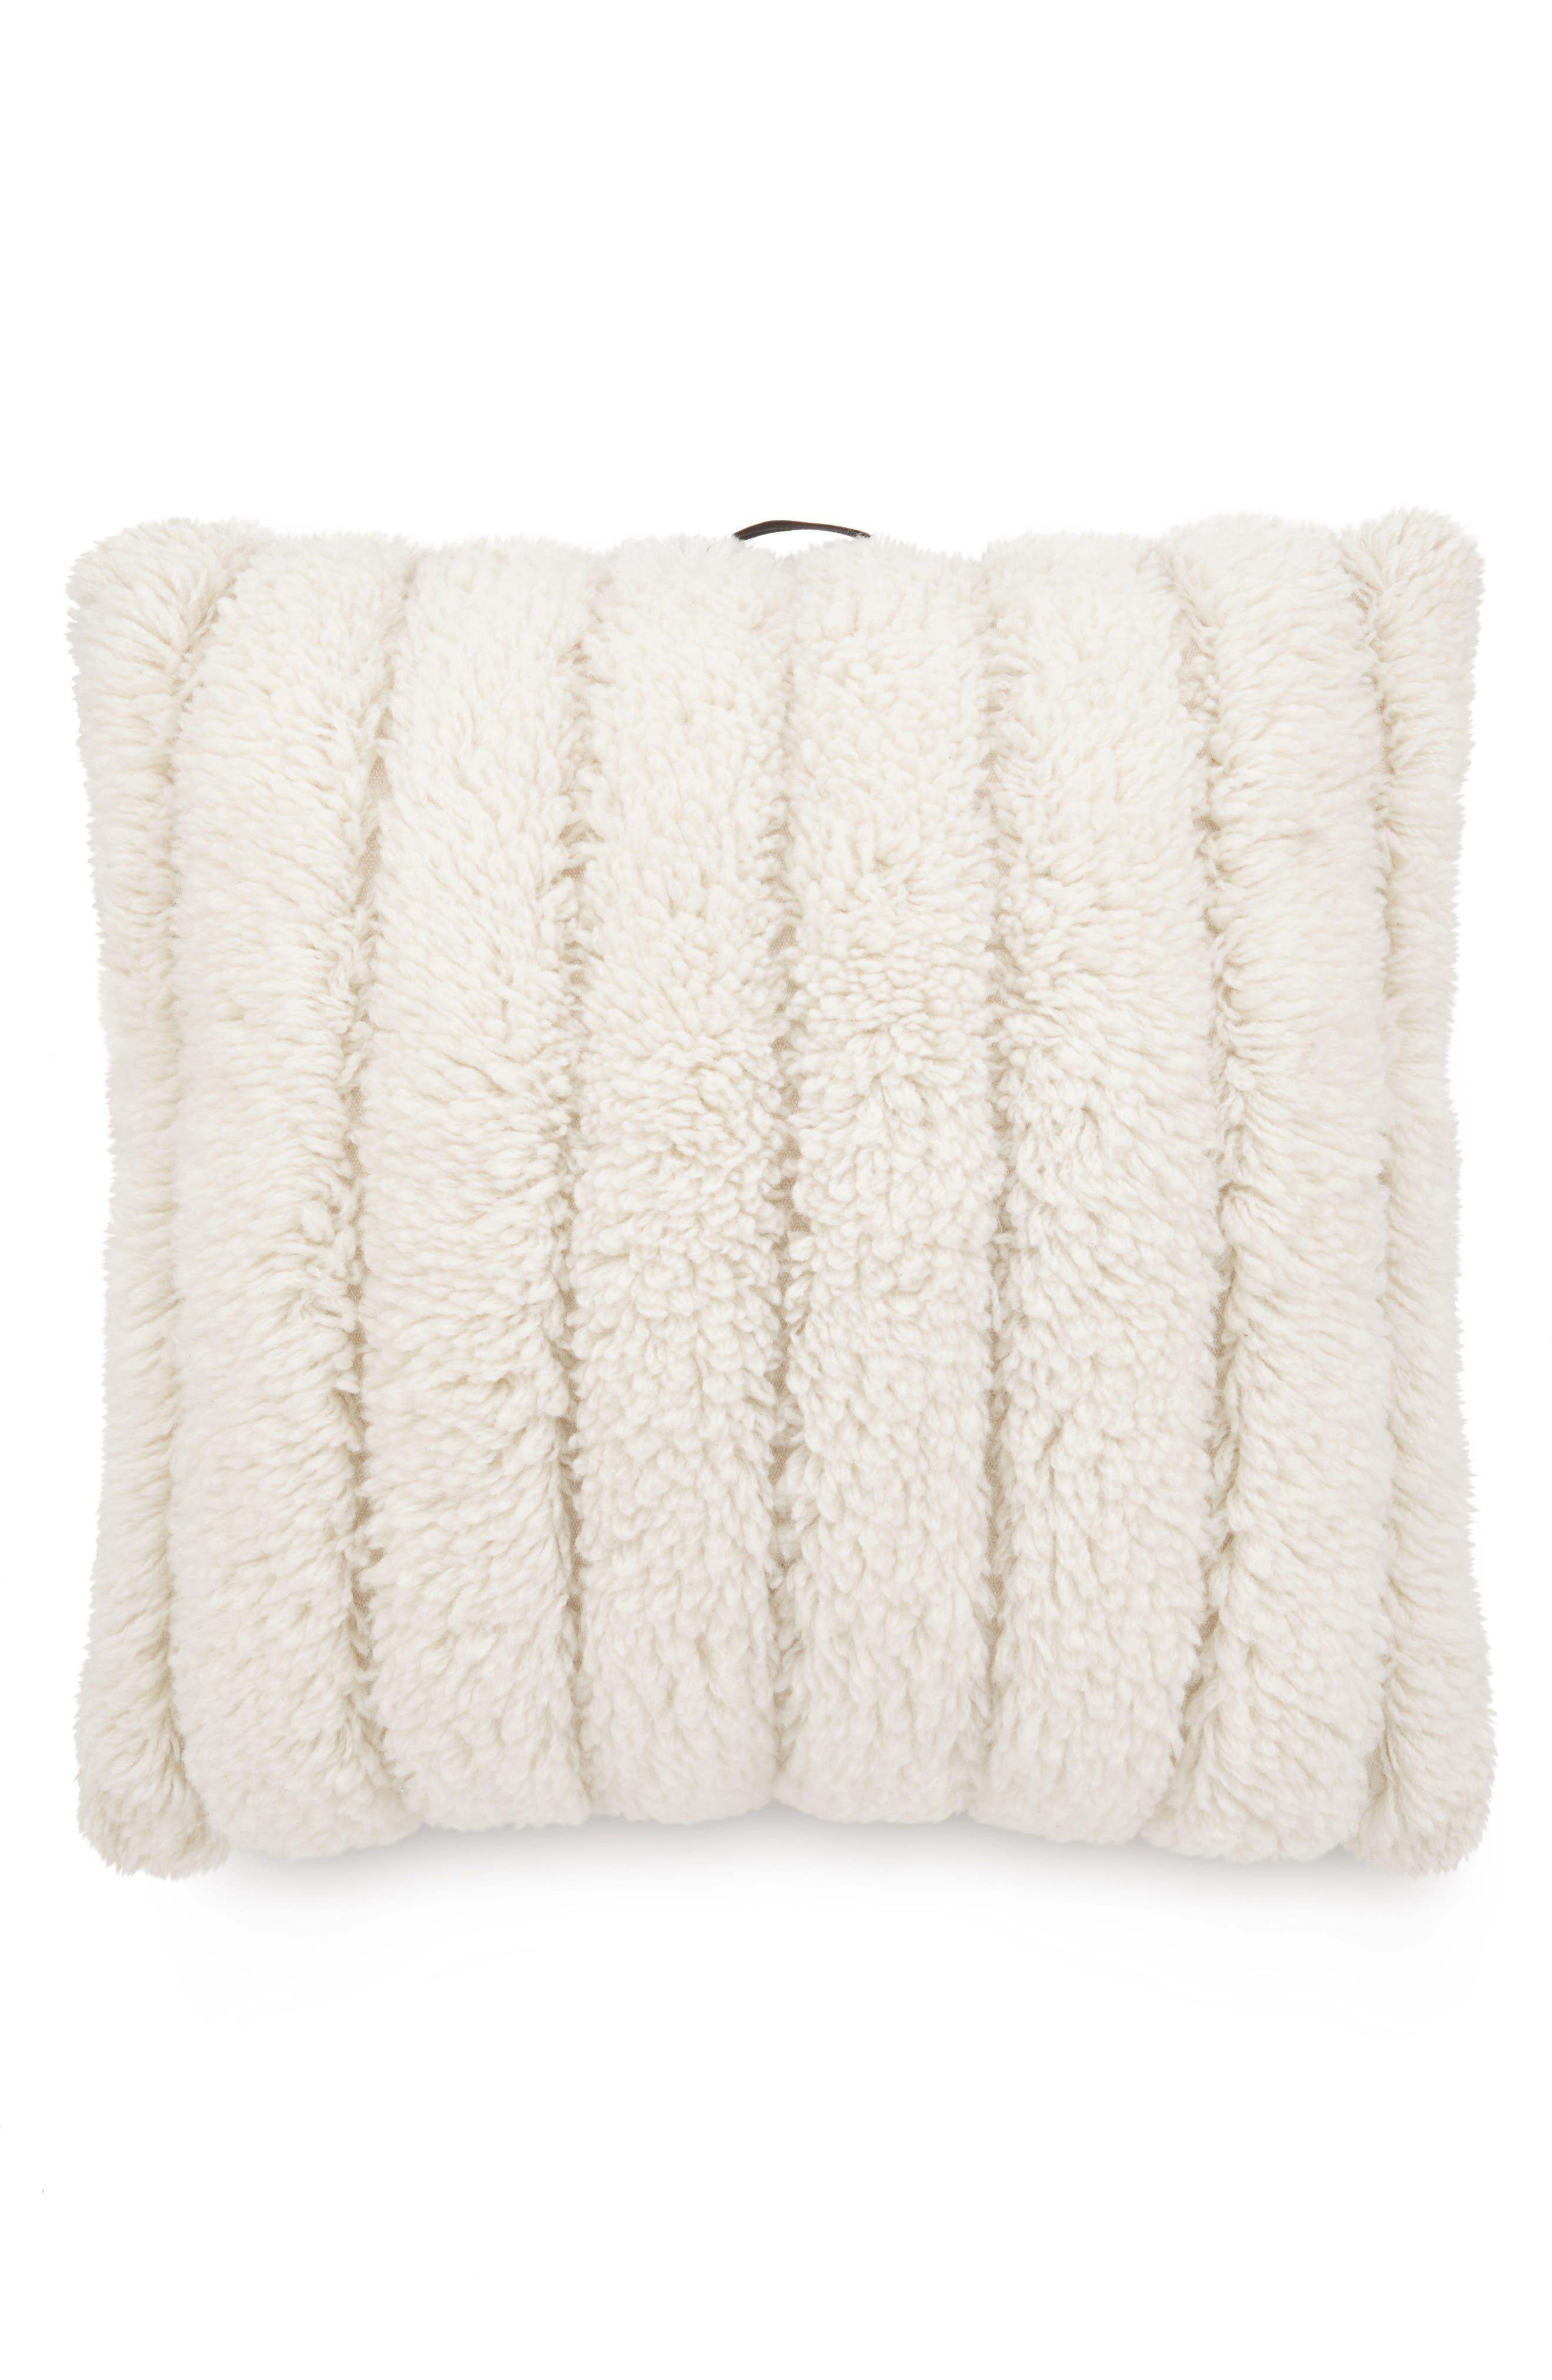 Tufty Yarn Pillow,                         Main,                         color, Natural